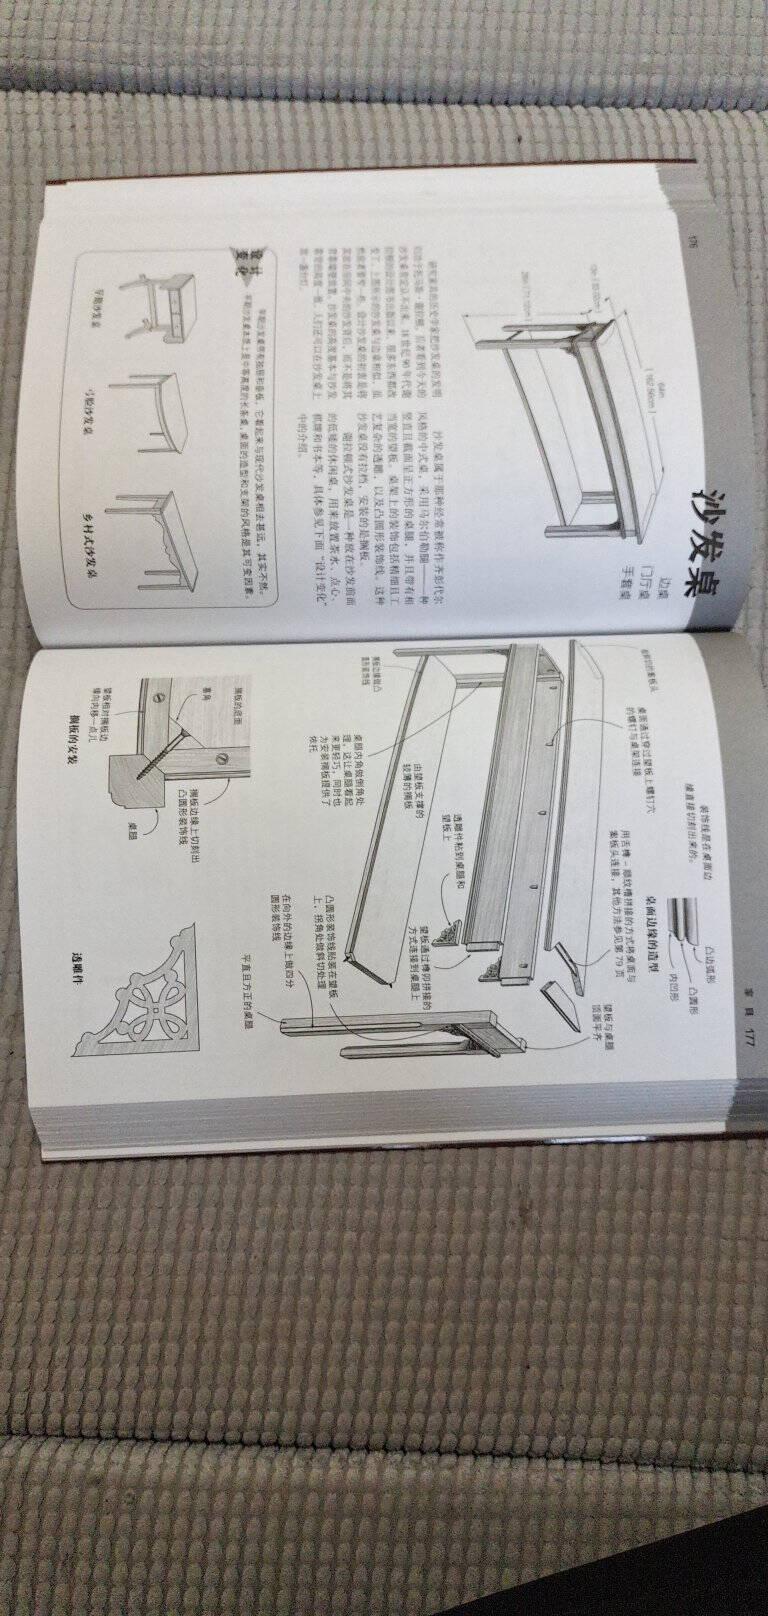 图解木工家具:如何设计和制作理想的家具